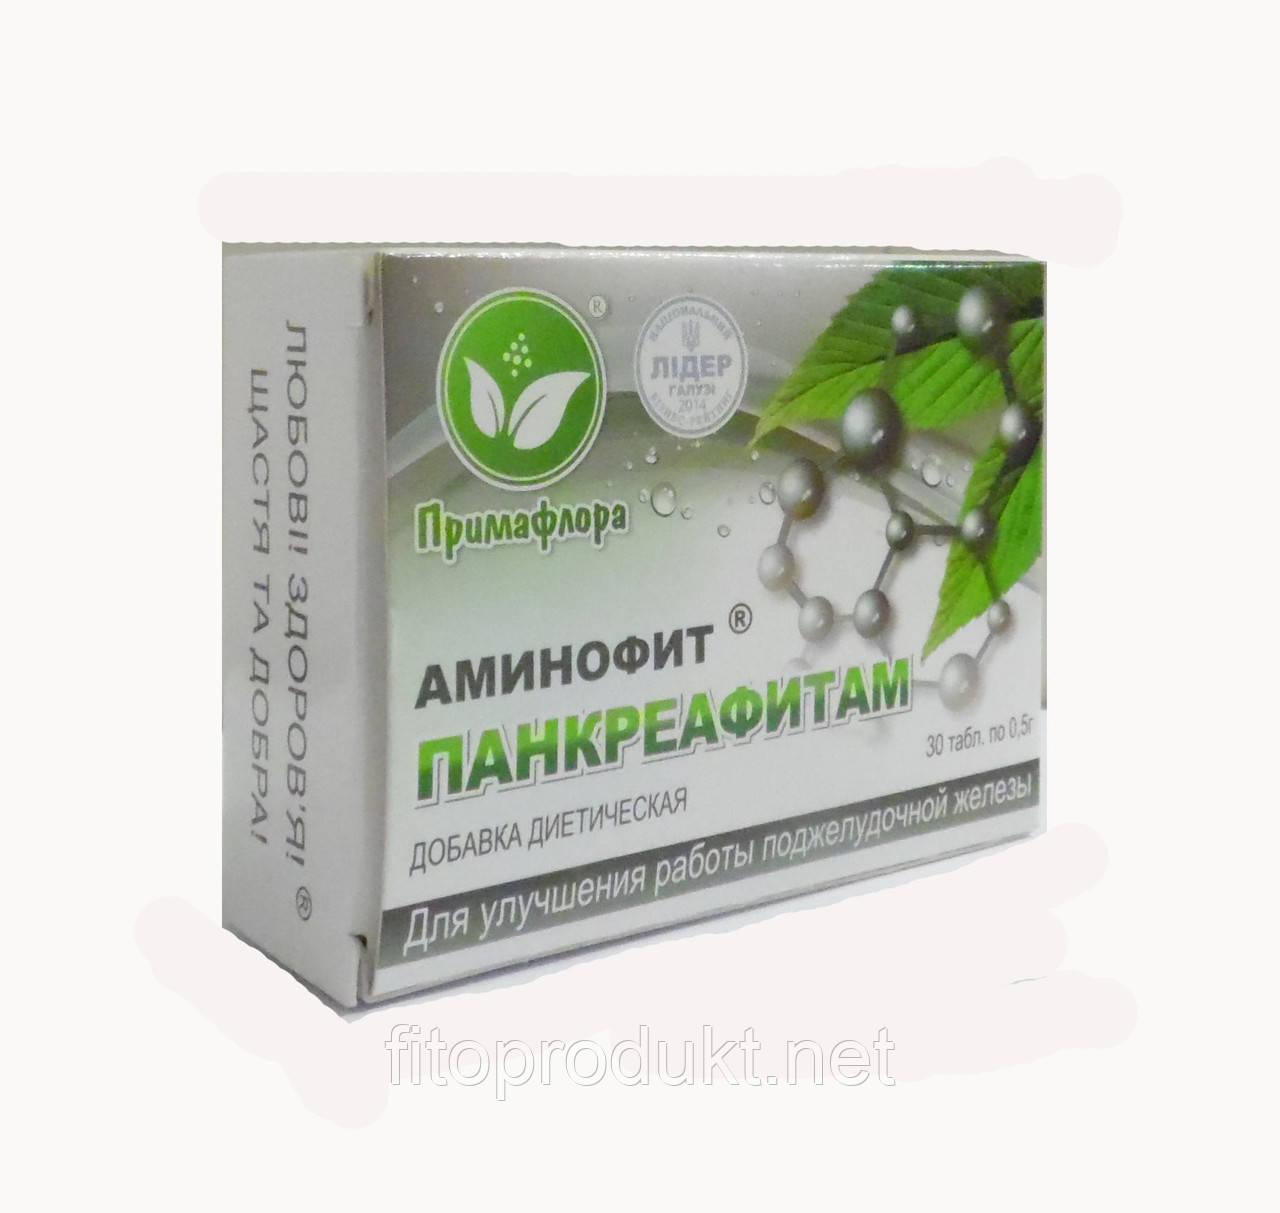 «ПАНКРЕАФИТАМ» - аминофит для улучшения работы поджелудочной железы